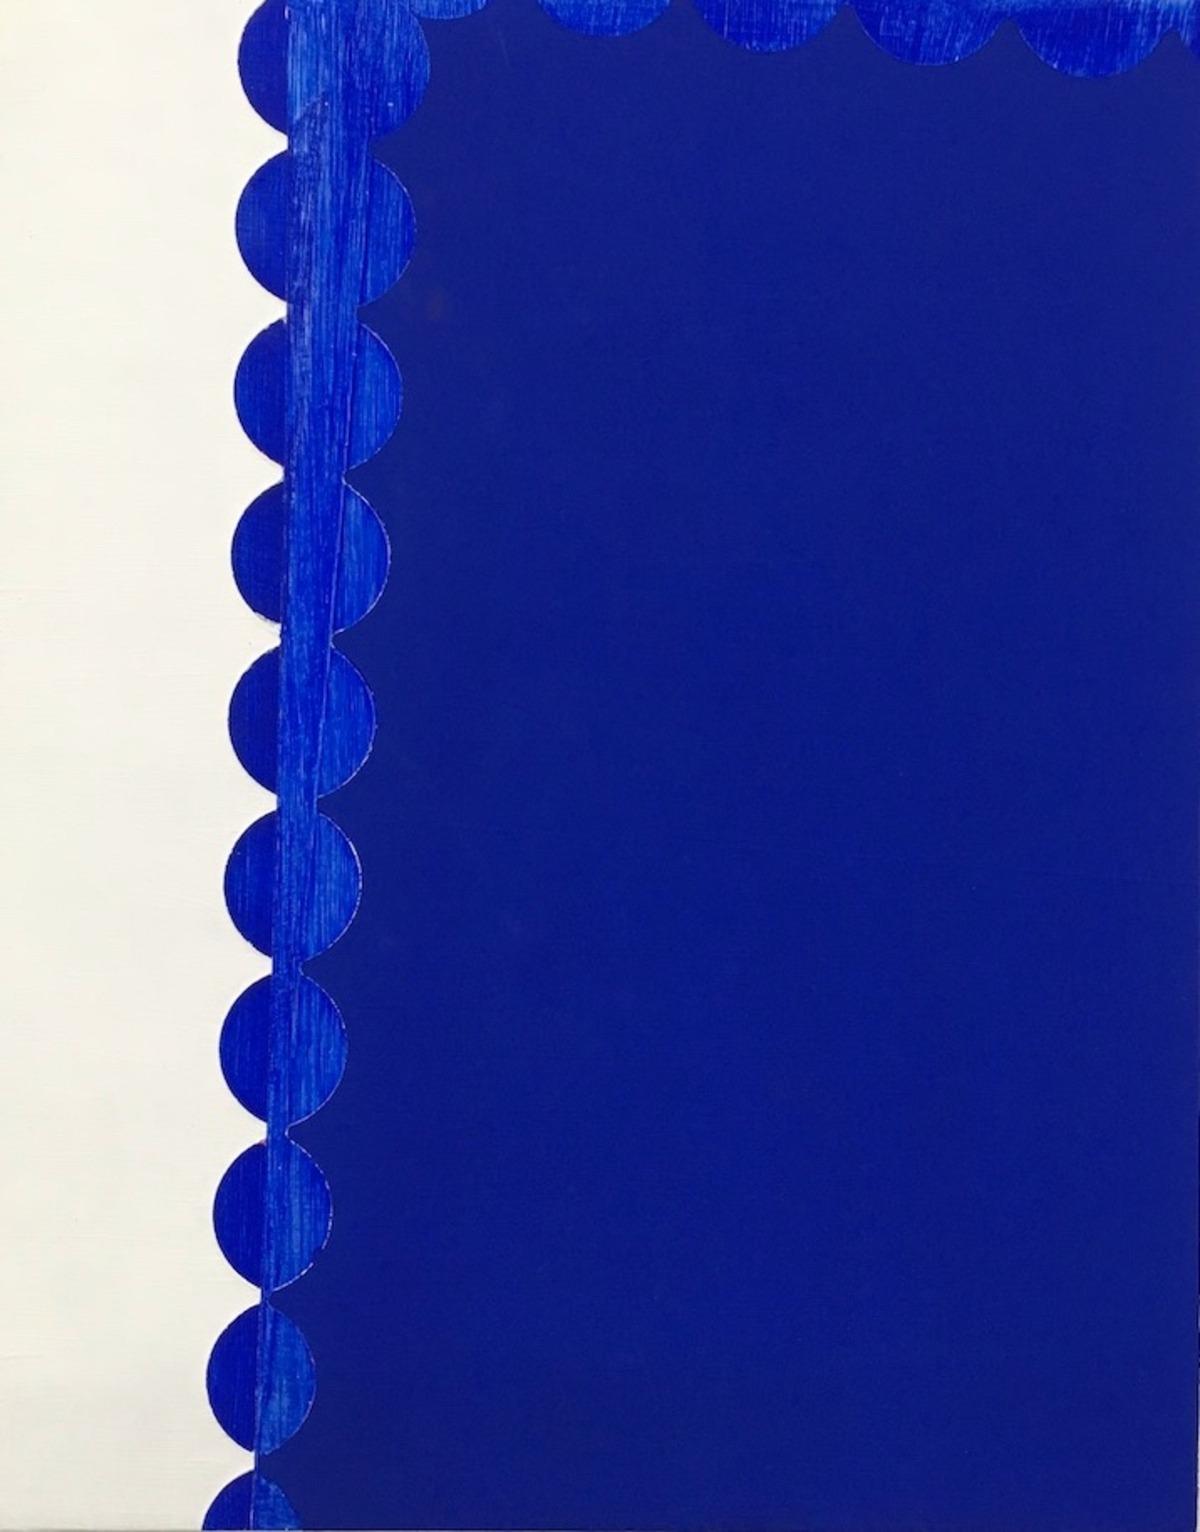 Deep blue See